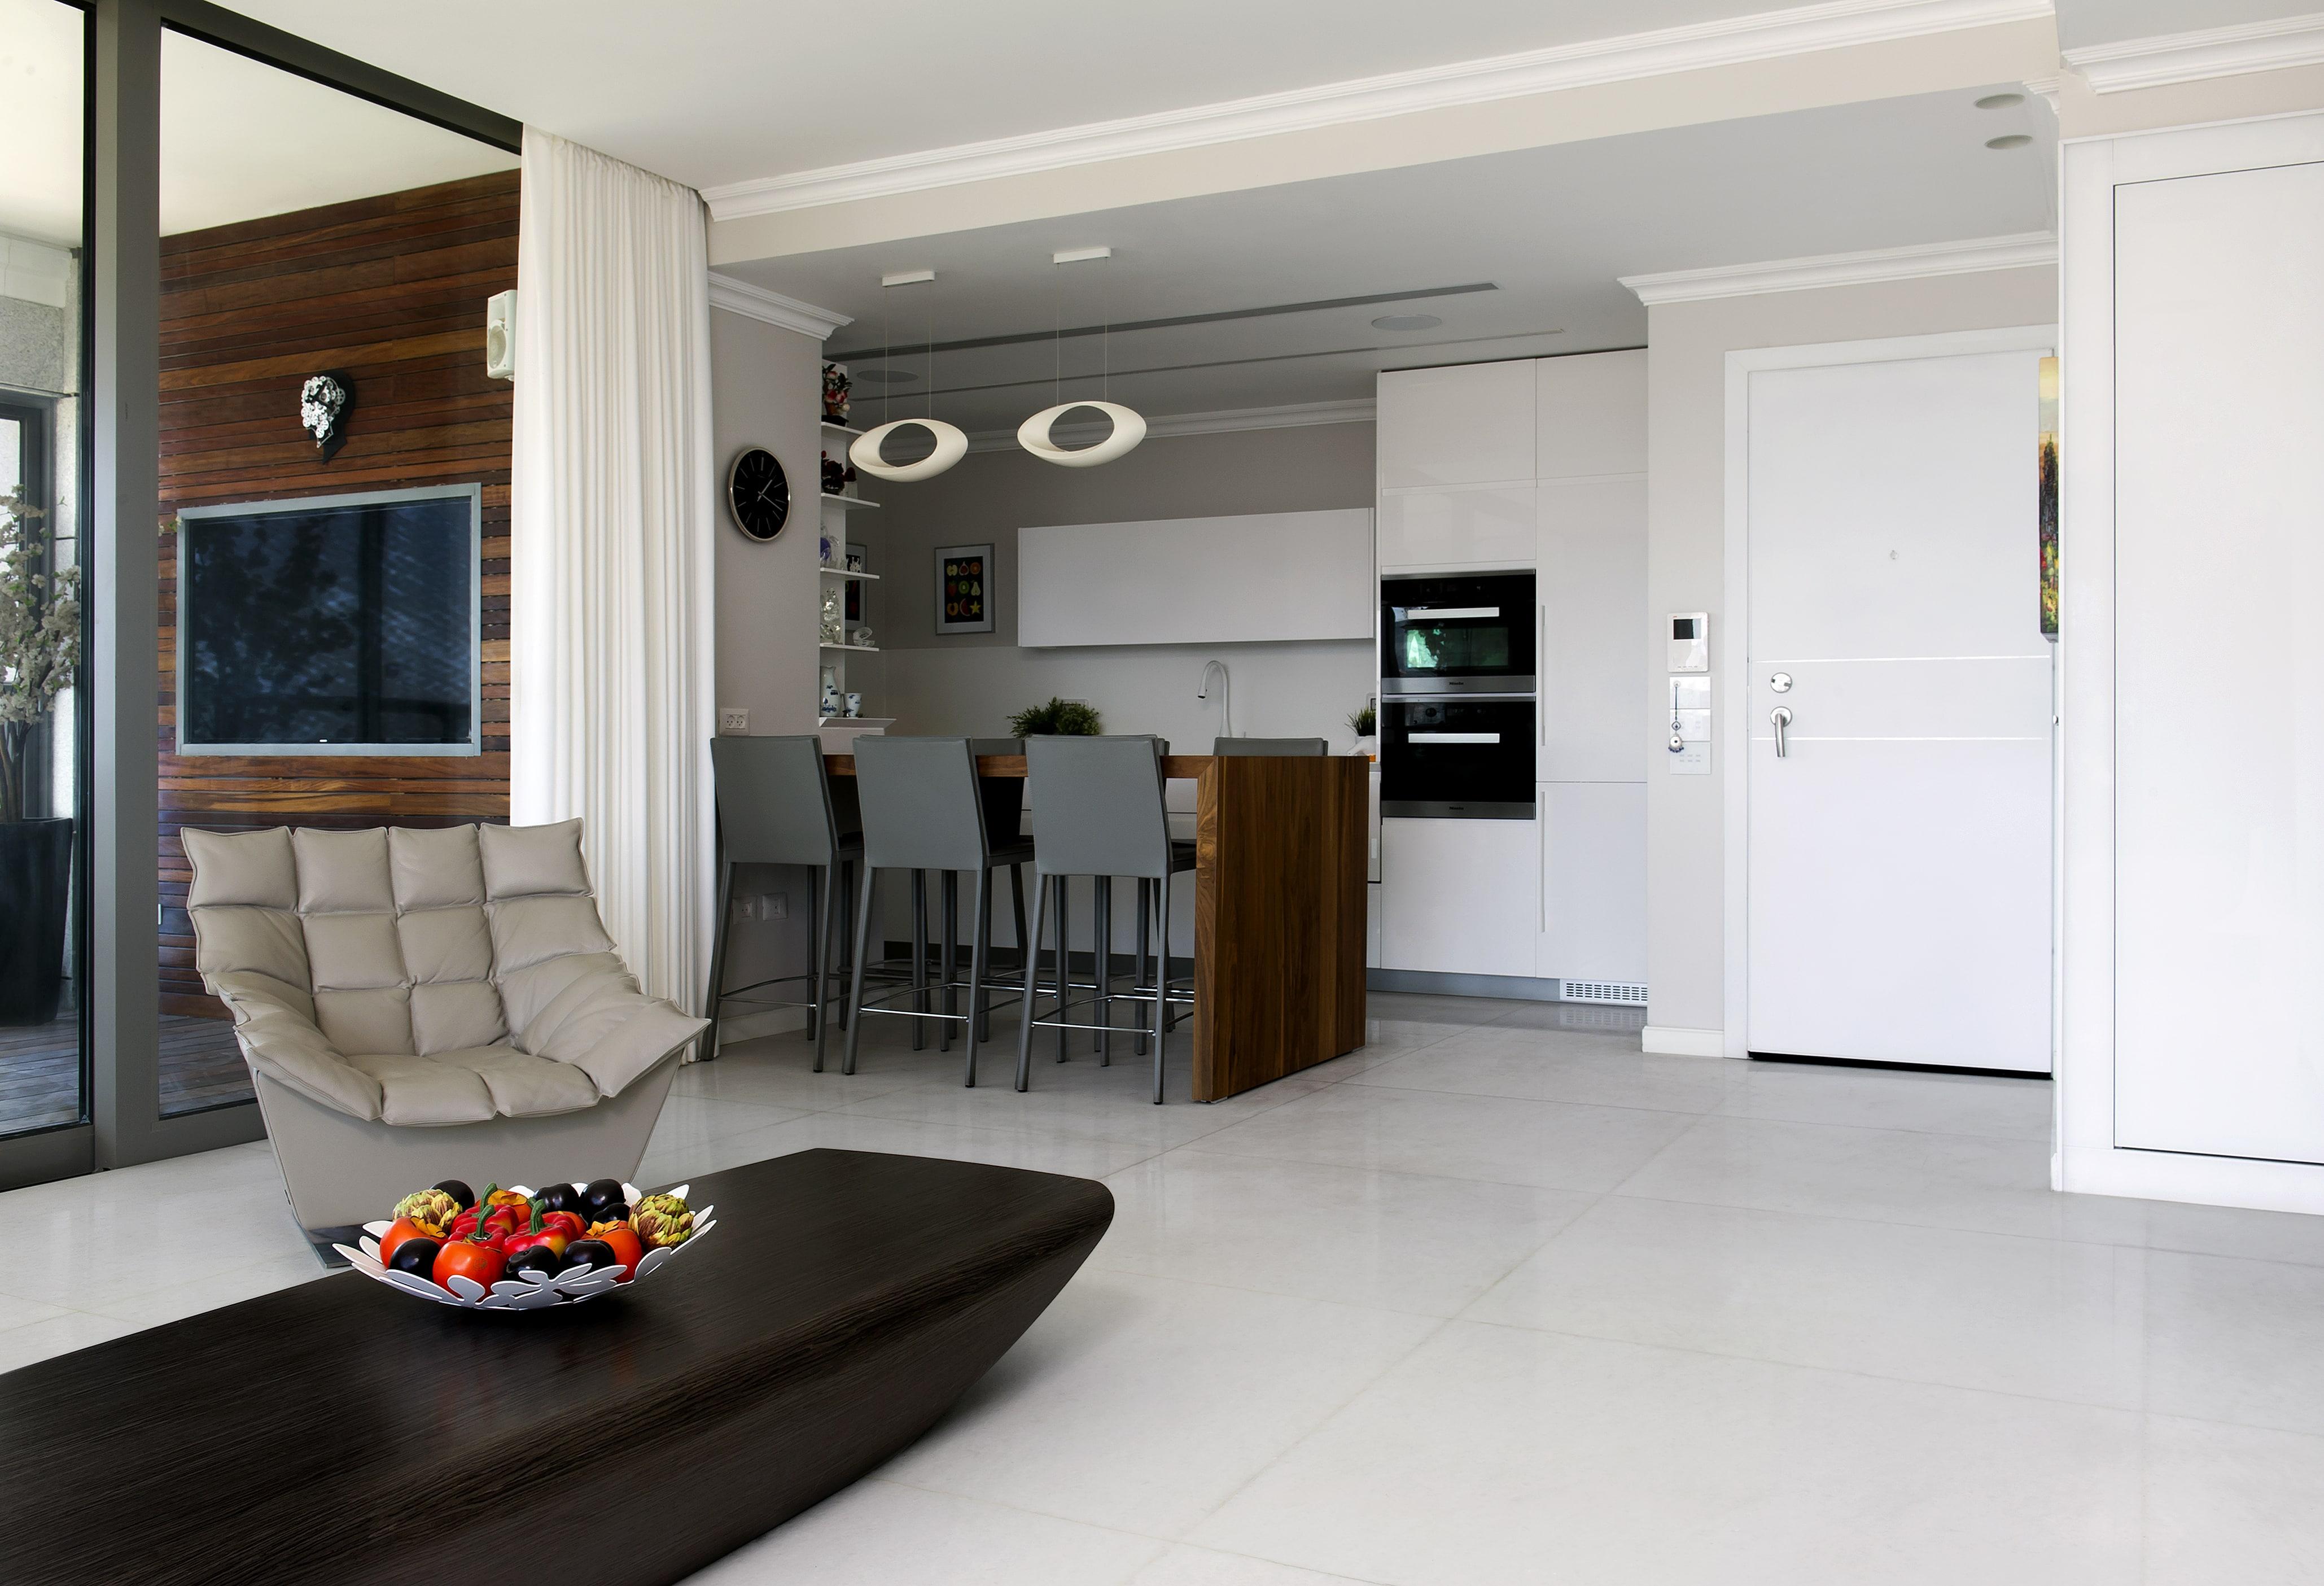 דירה מודרנית ברמת גן